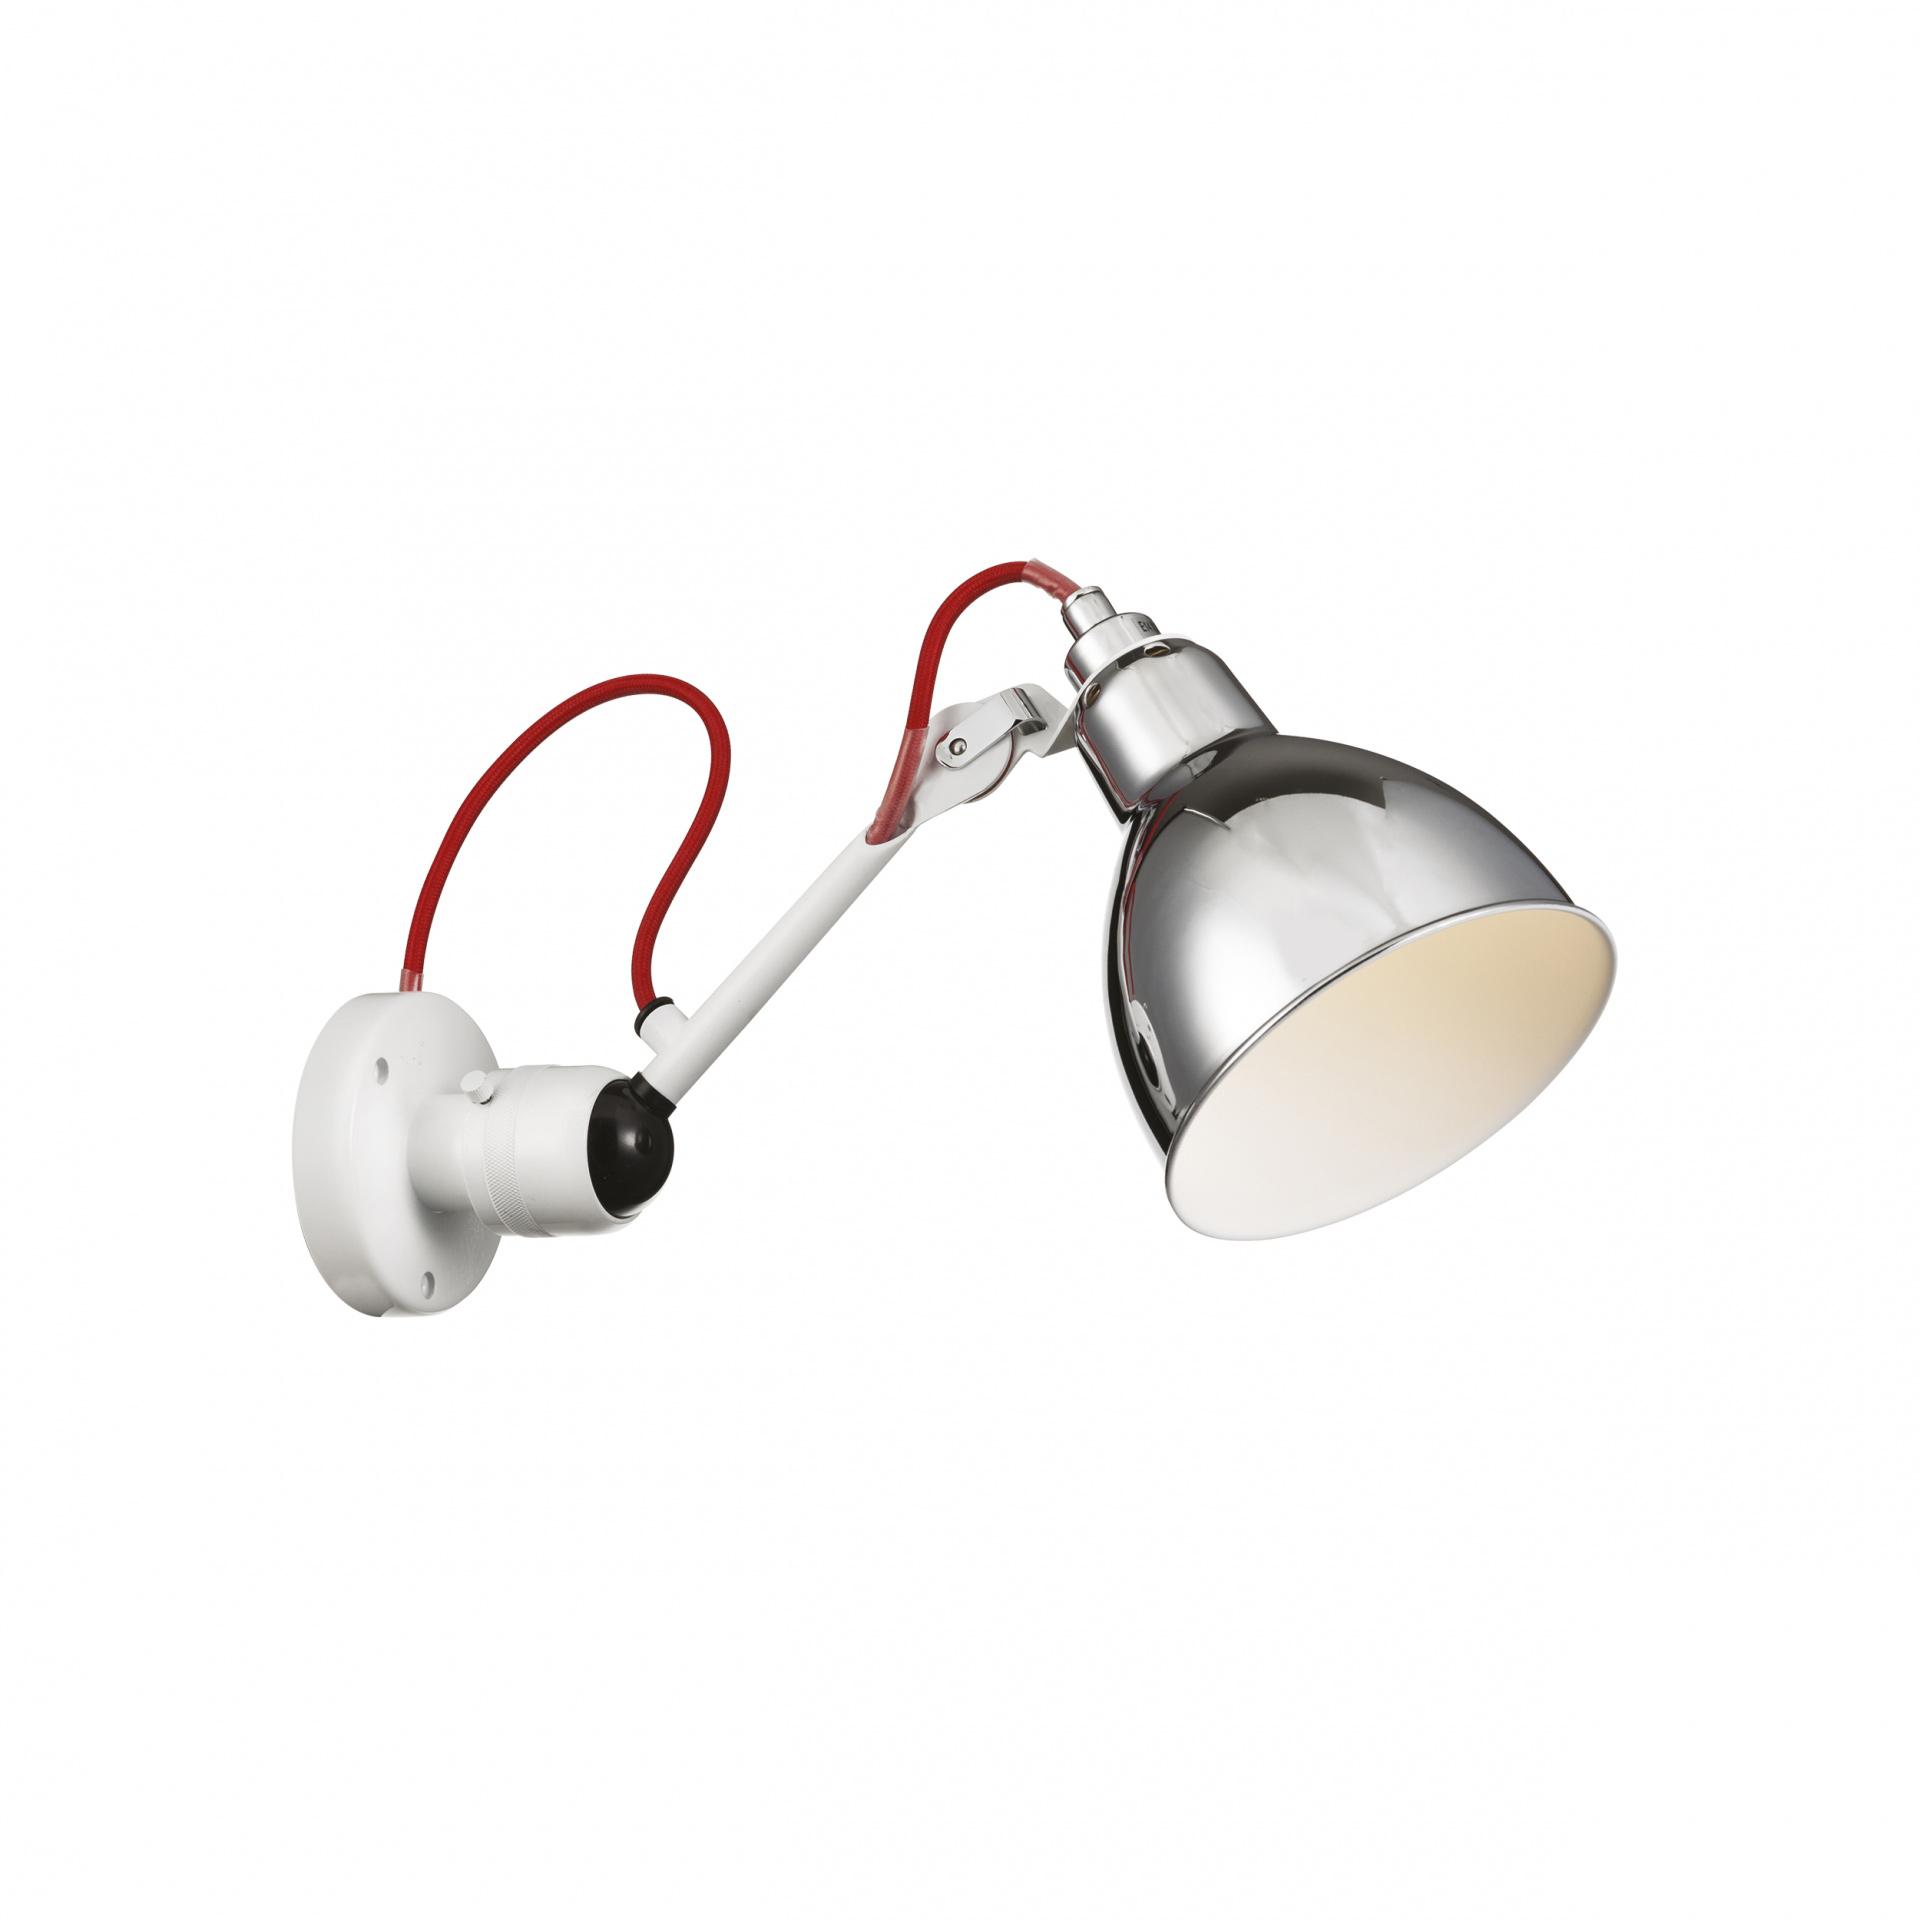 Бра Loft 1х40W E14 хром Lightstar 765604, купить в СПб, Москве, с доставкой, Санкт-Петербург, интернет-магазин люстр и светильников Starlight, фото в жизни